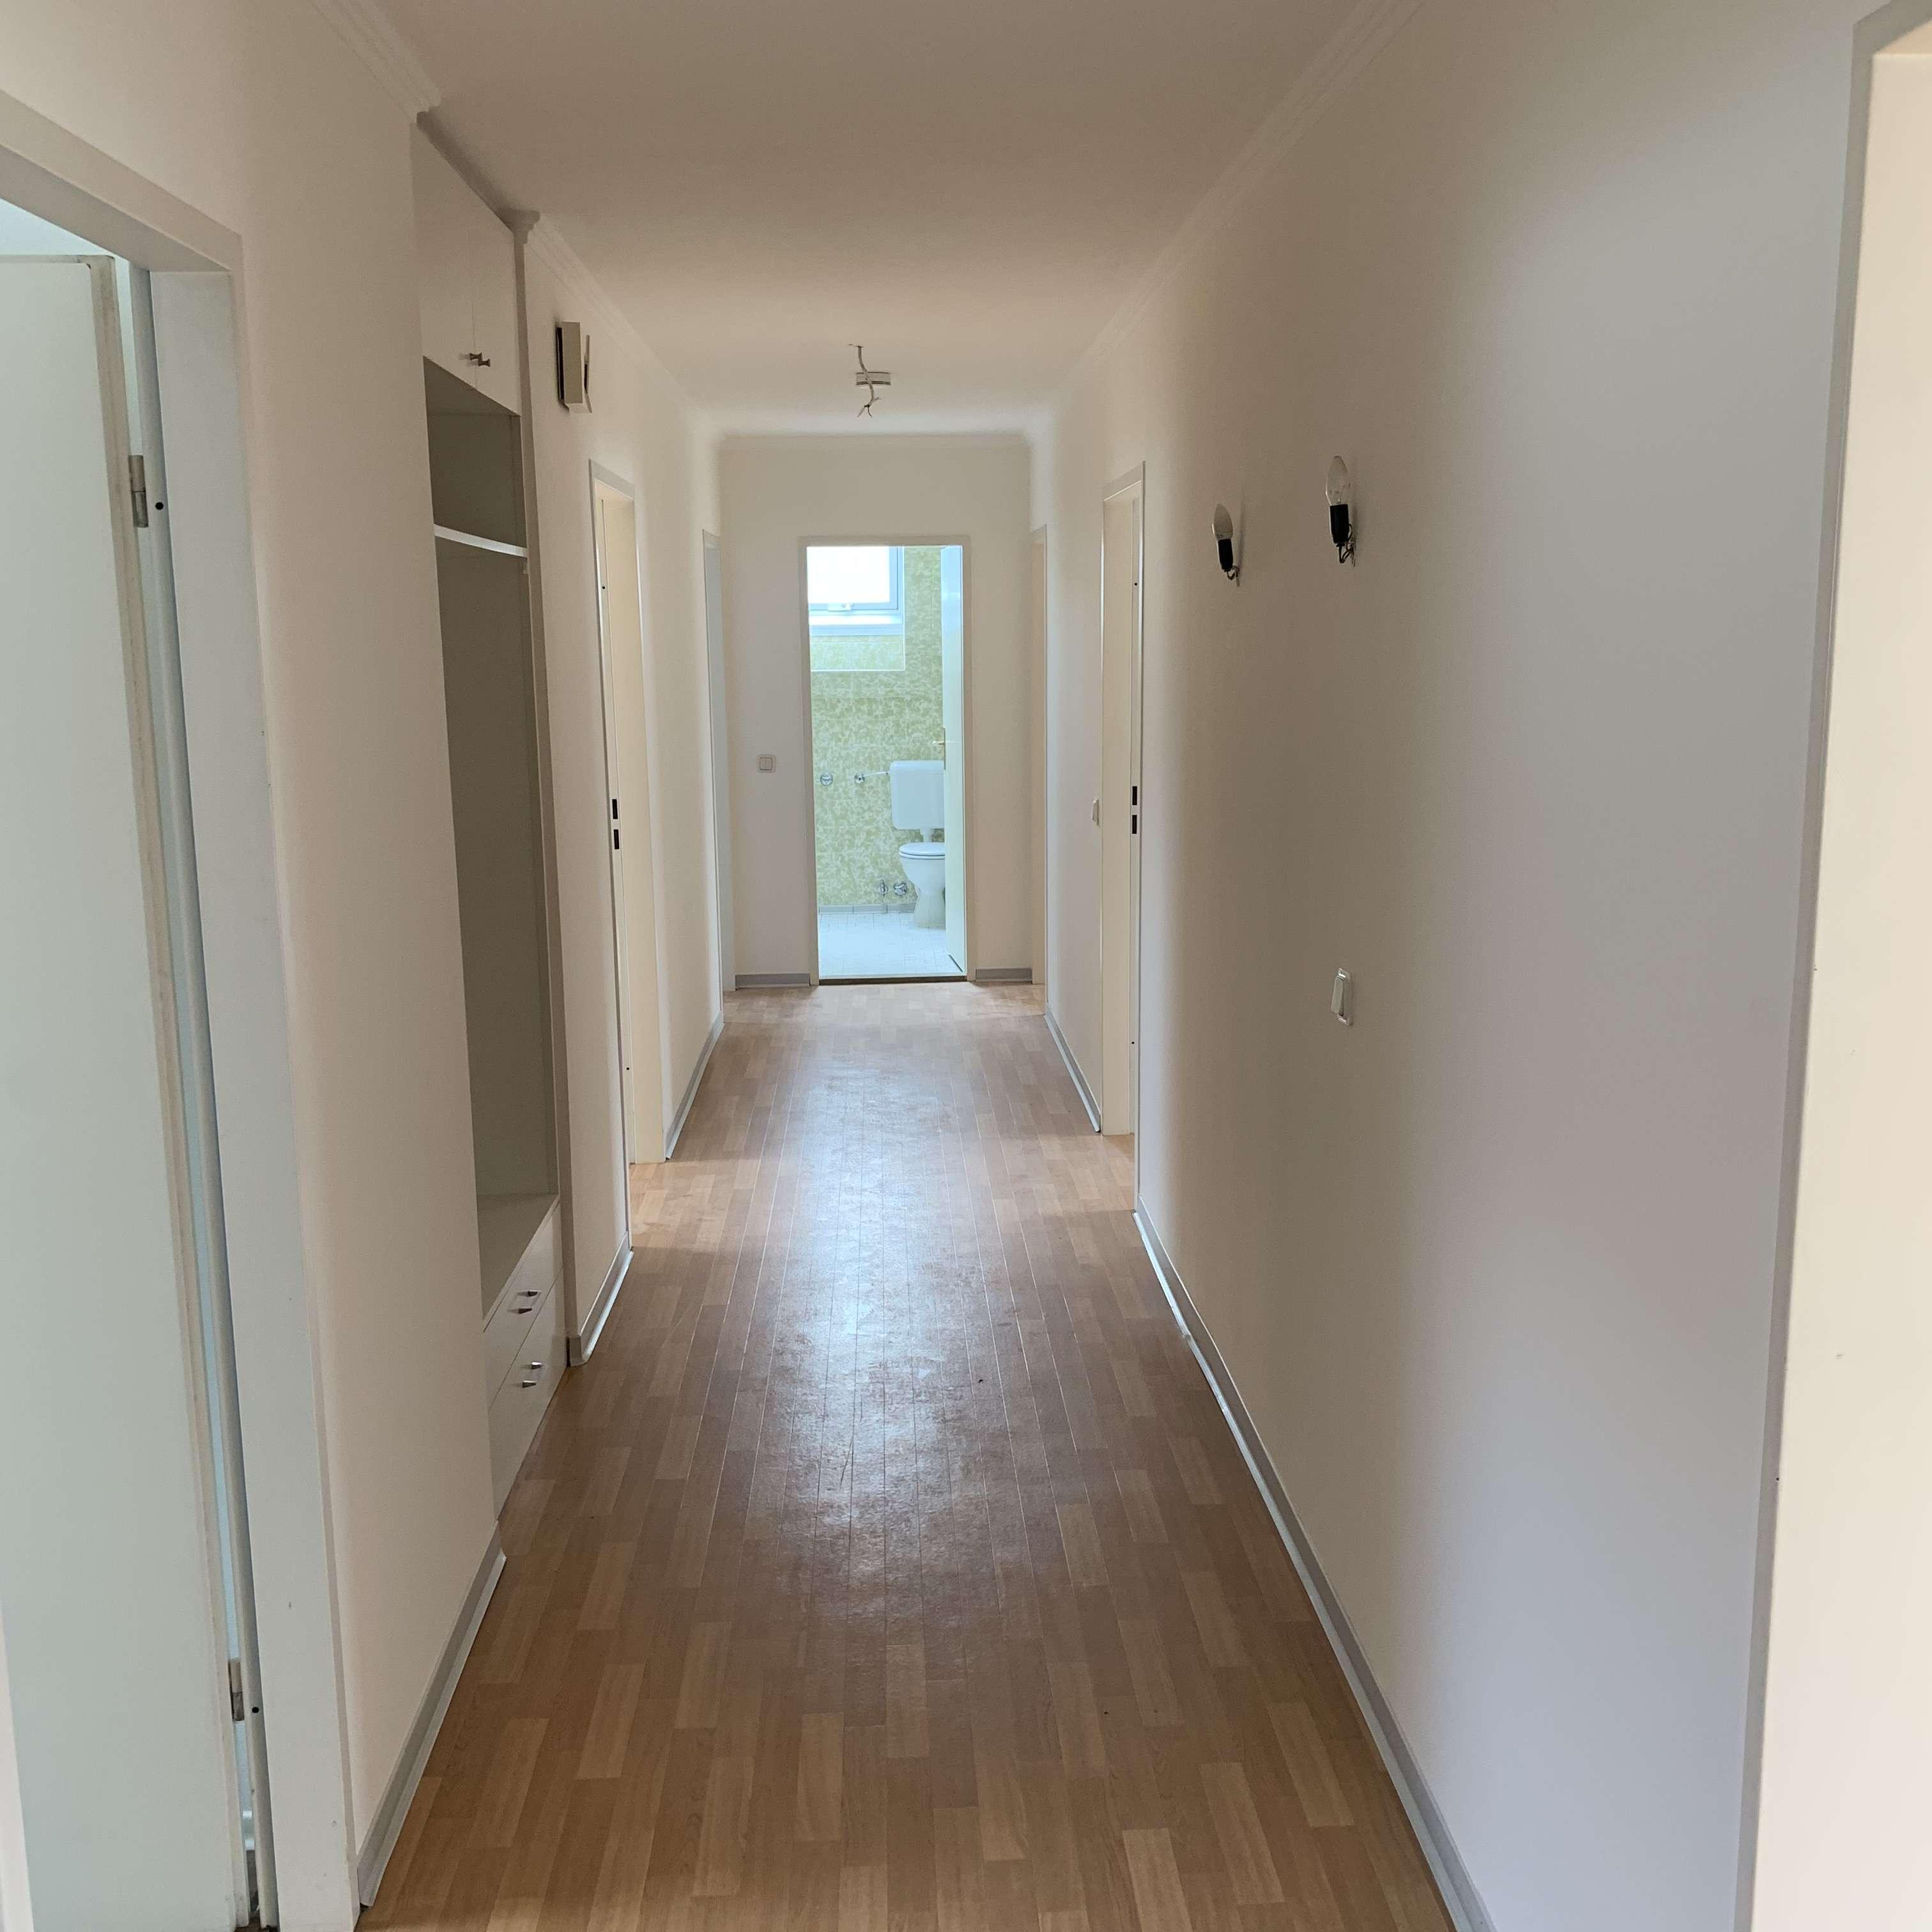 Vollständig renovierte 4-Zimmer-Dachgeschosswohnung mit Balkon und EBK im Zentrum von Cham in